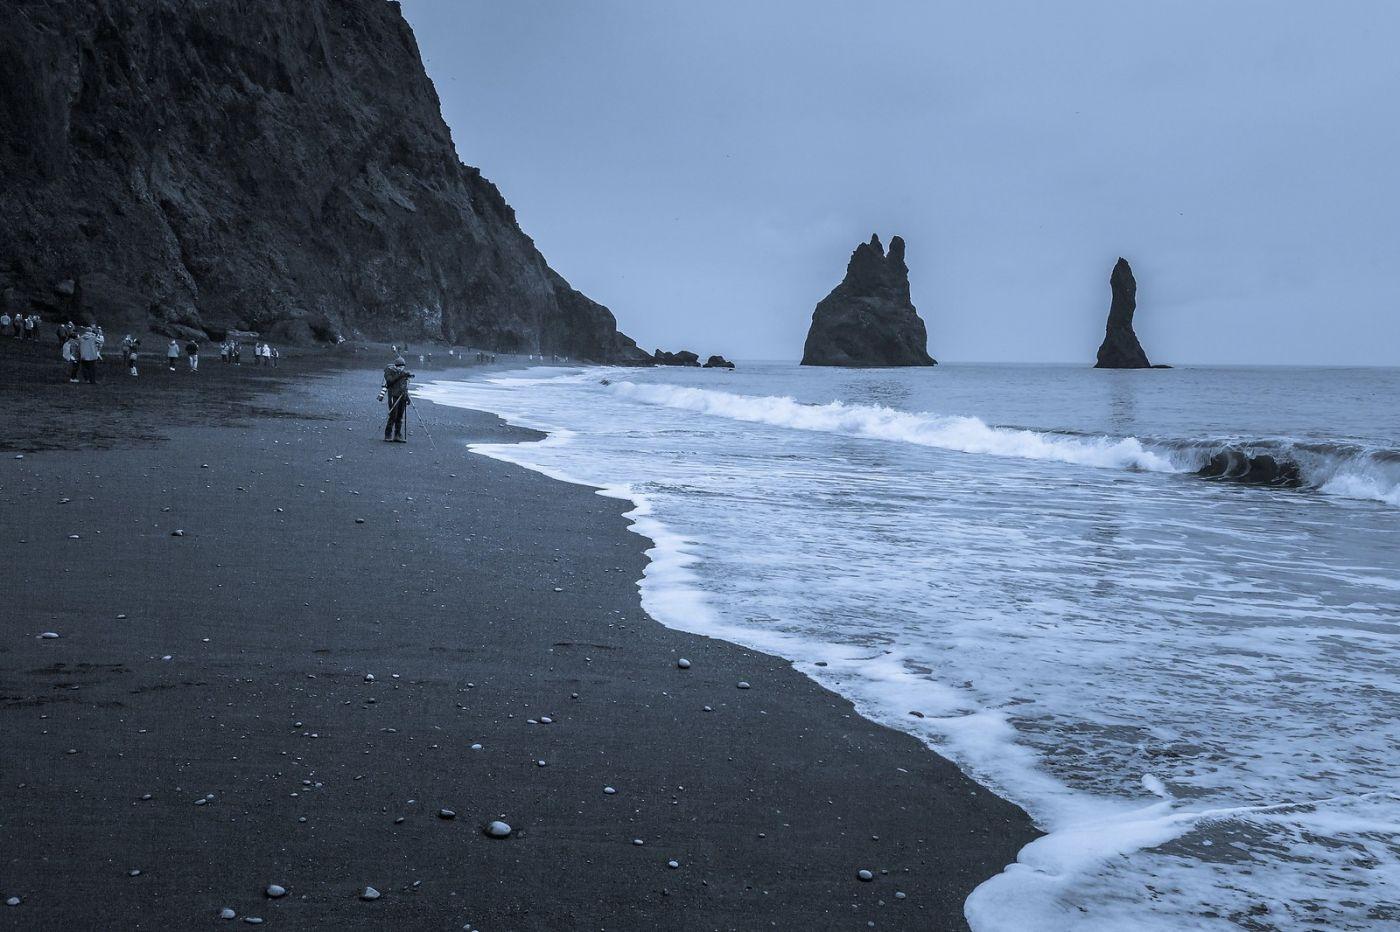 冰岛雷尼斯法加拉黑沙滩(Reynisfjara Black Sand Beach)_图1-1